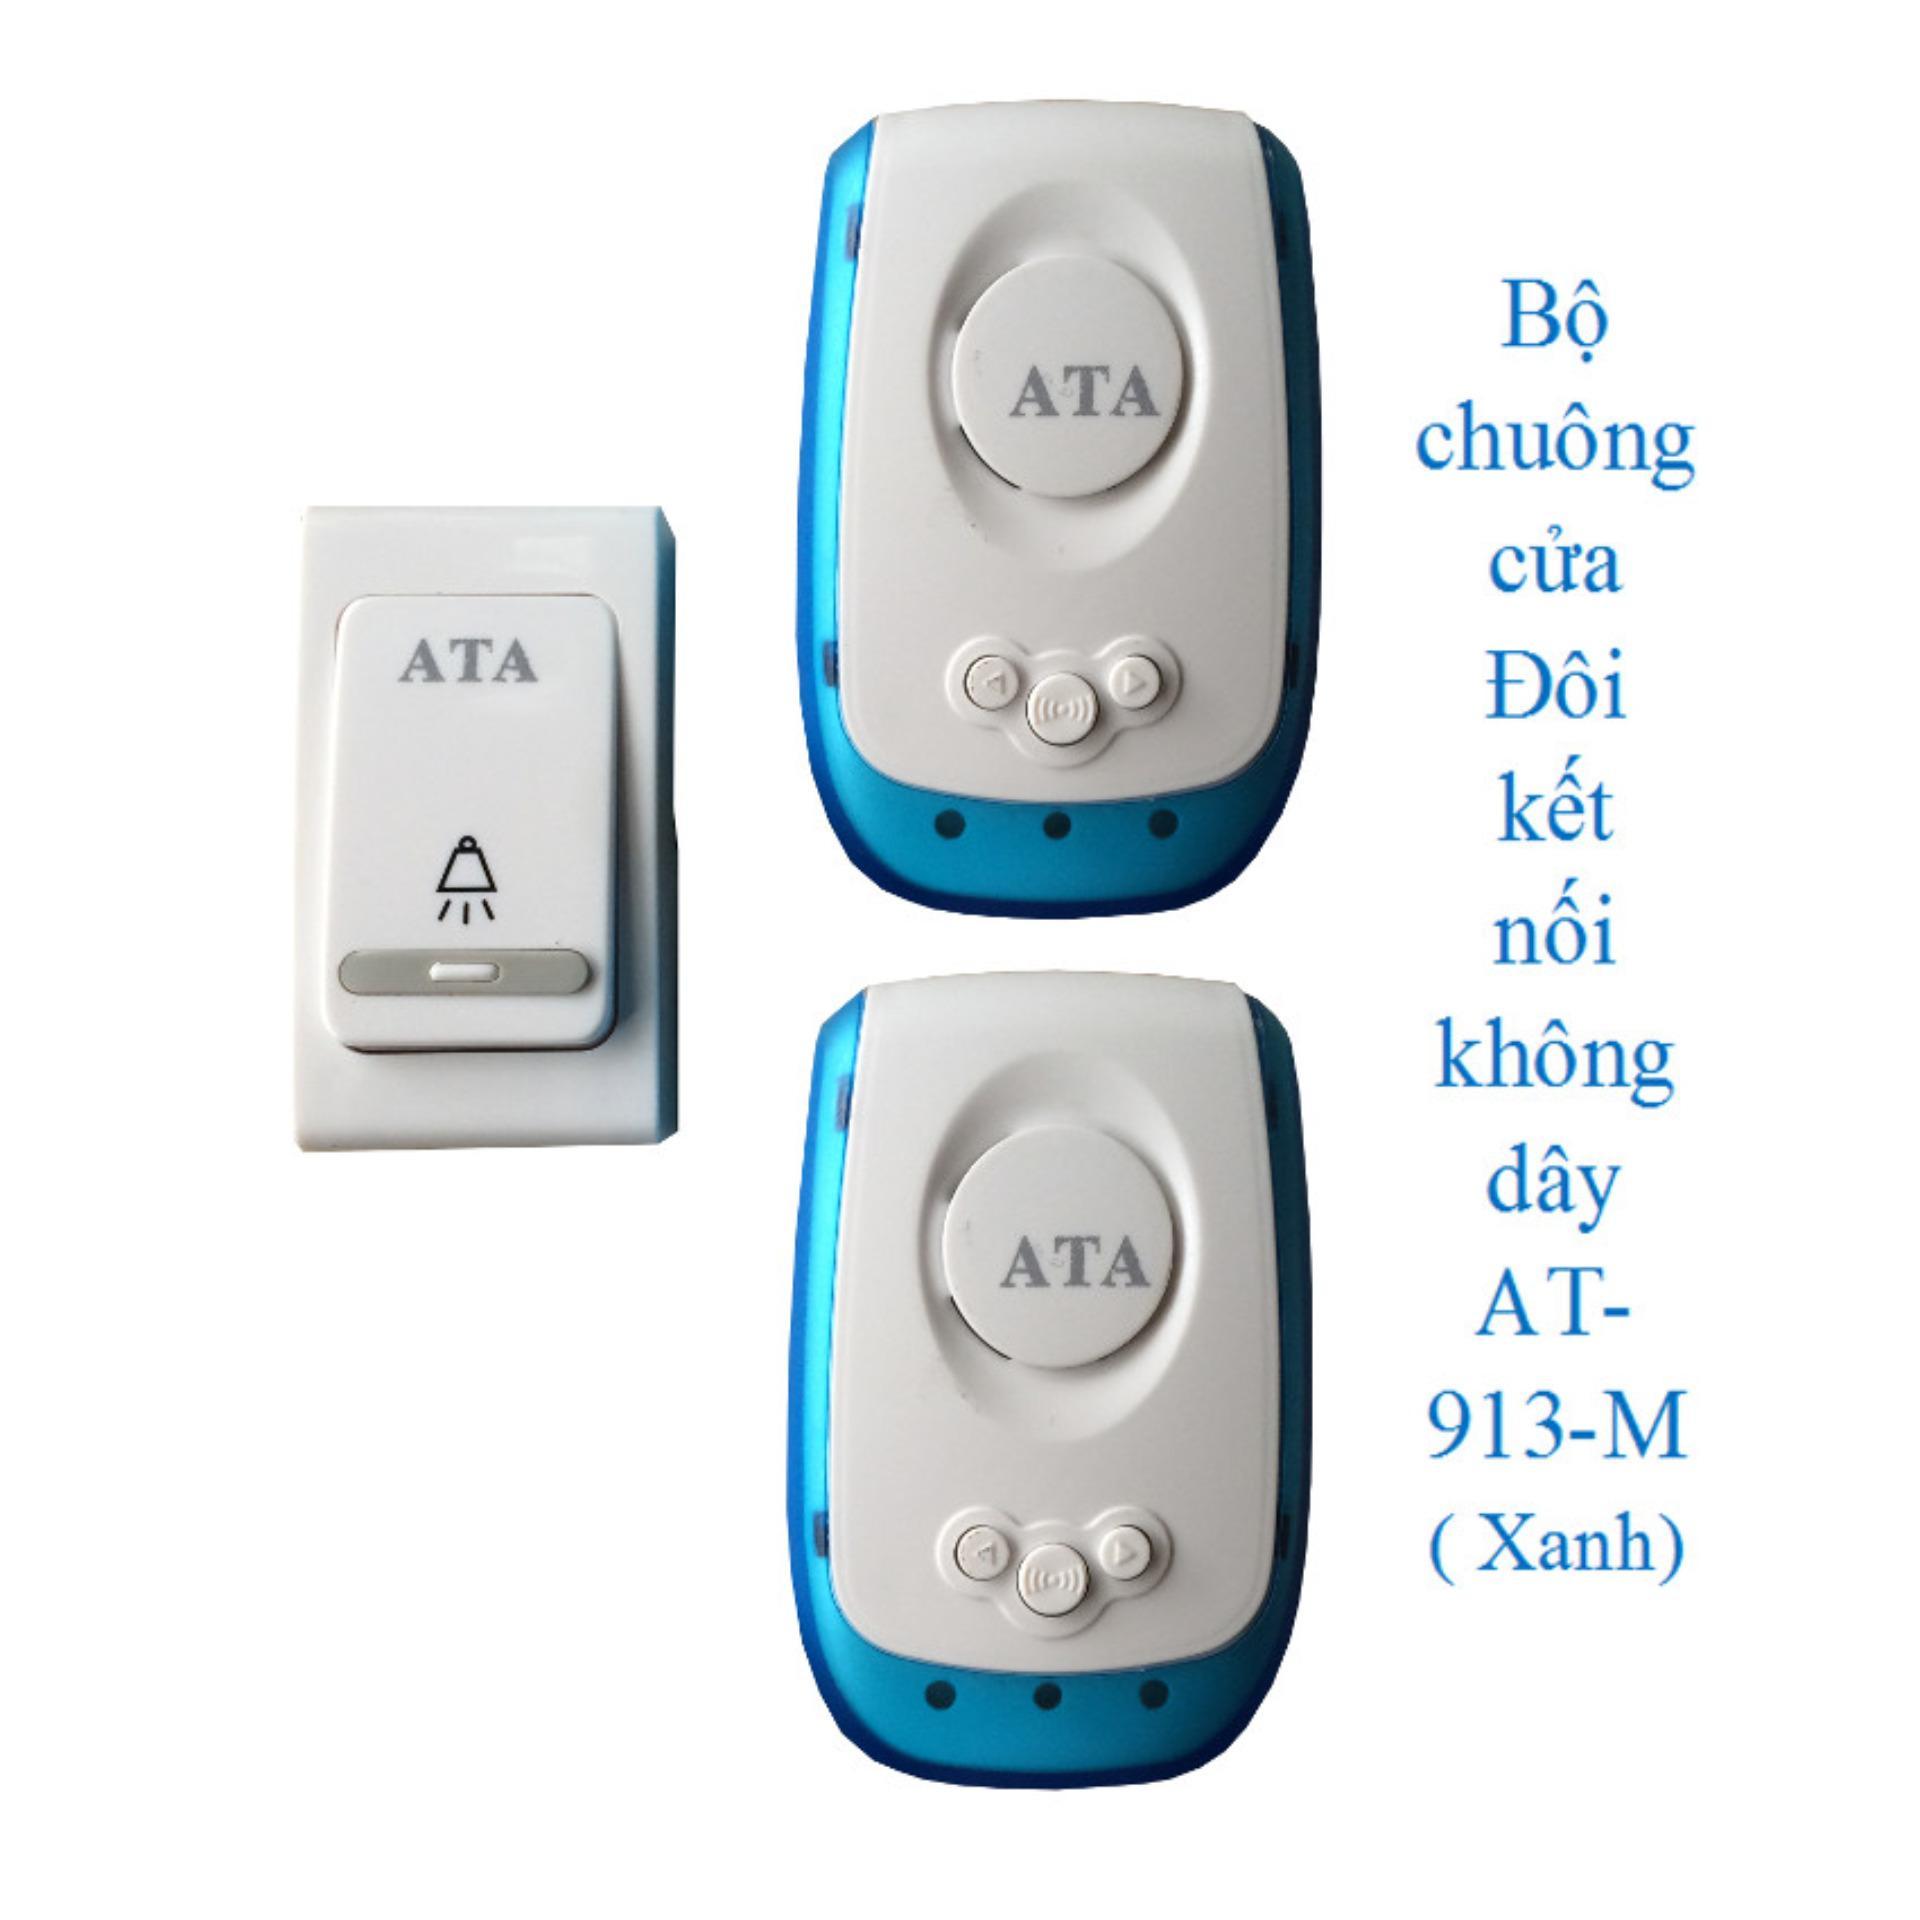 Giá Khuyến Mại Bộ chuông Đôi gọi cửa kết nối không dây AT-913-M ( Xanh)